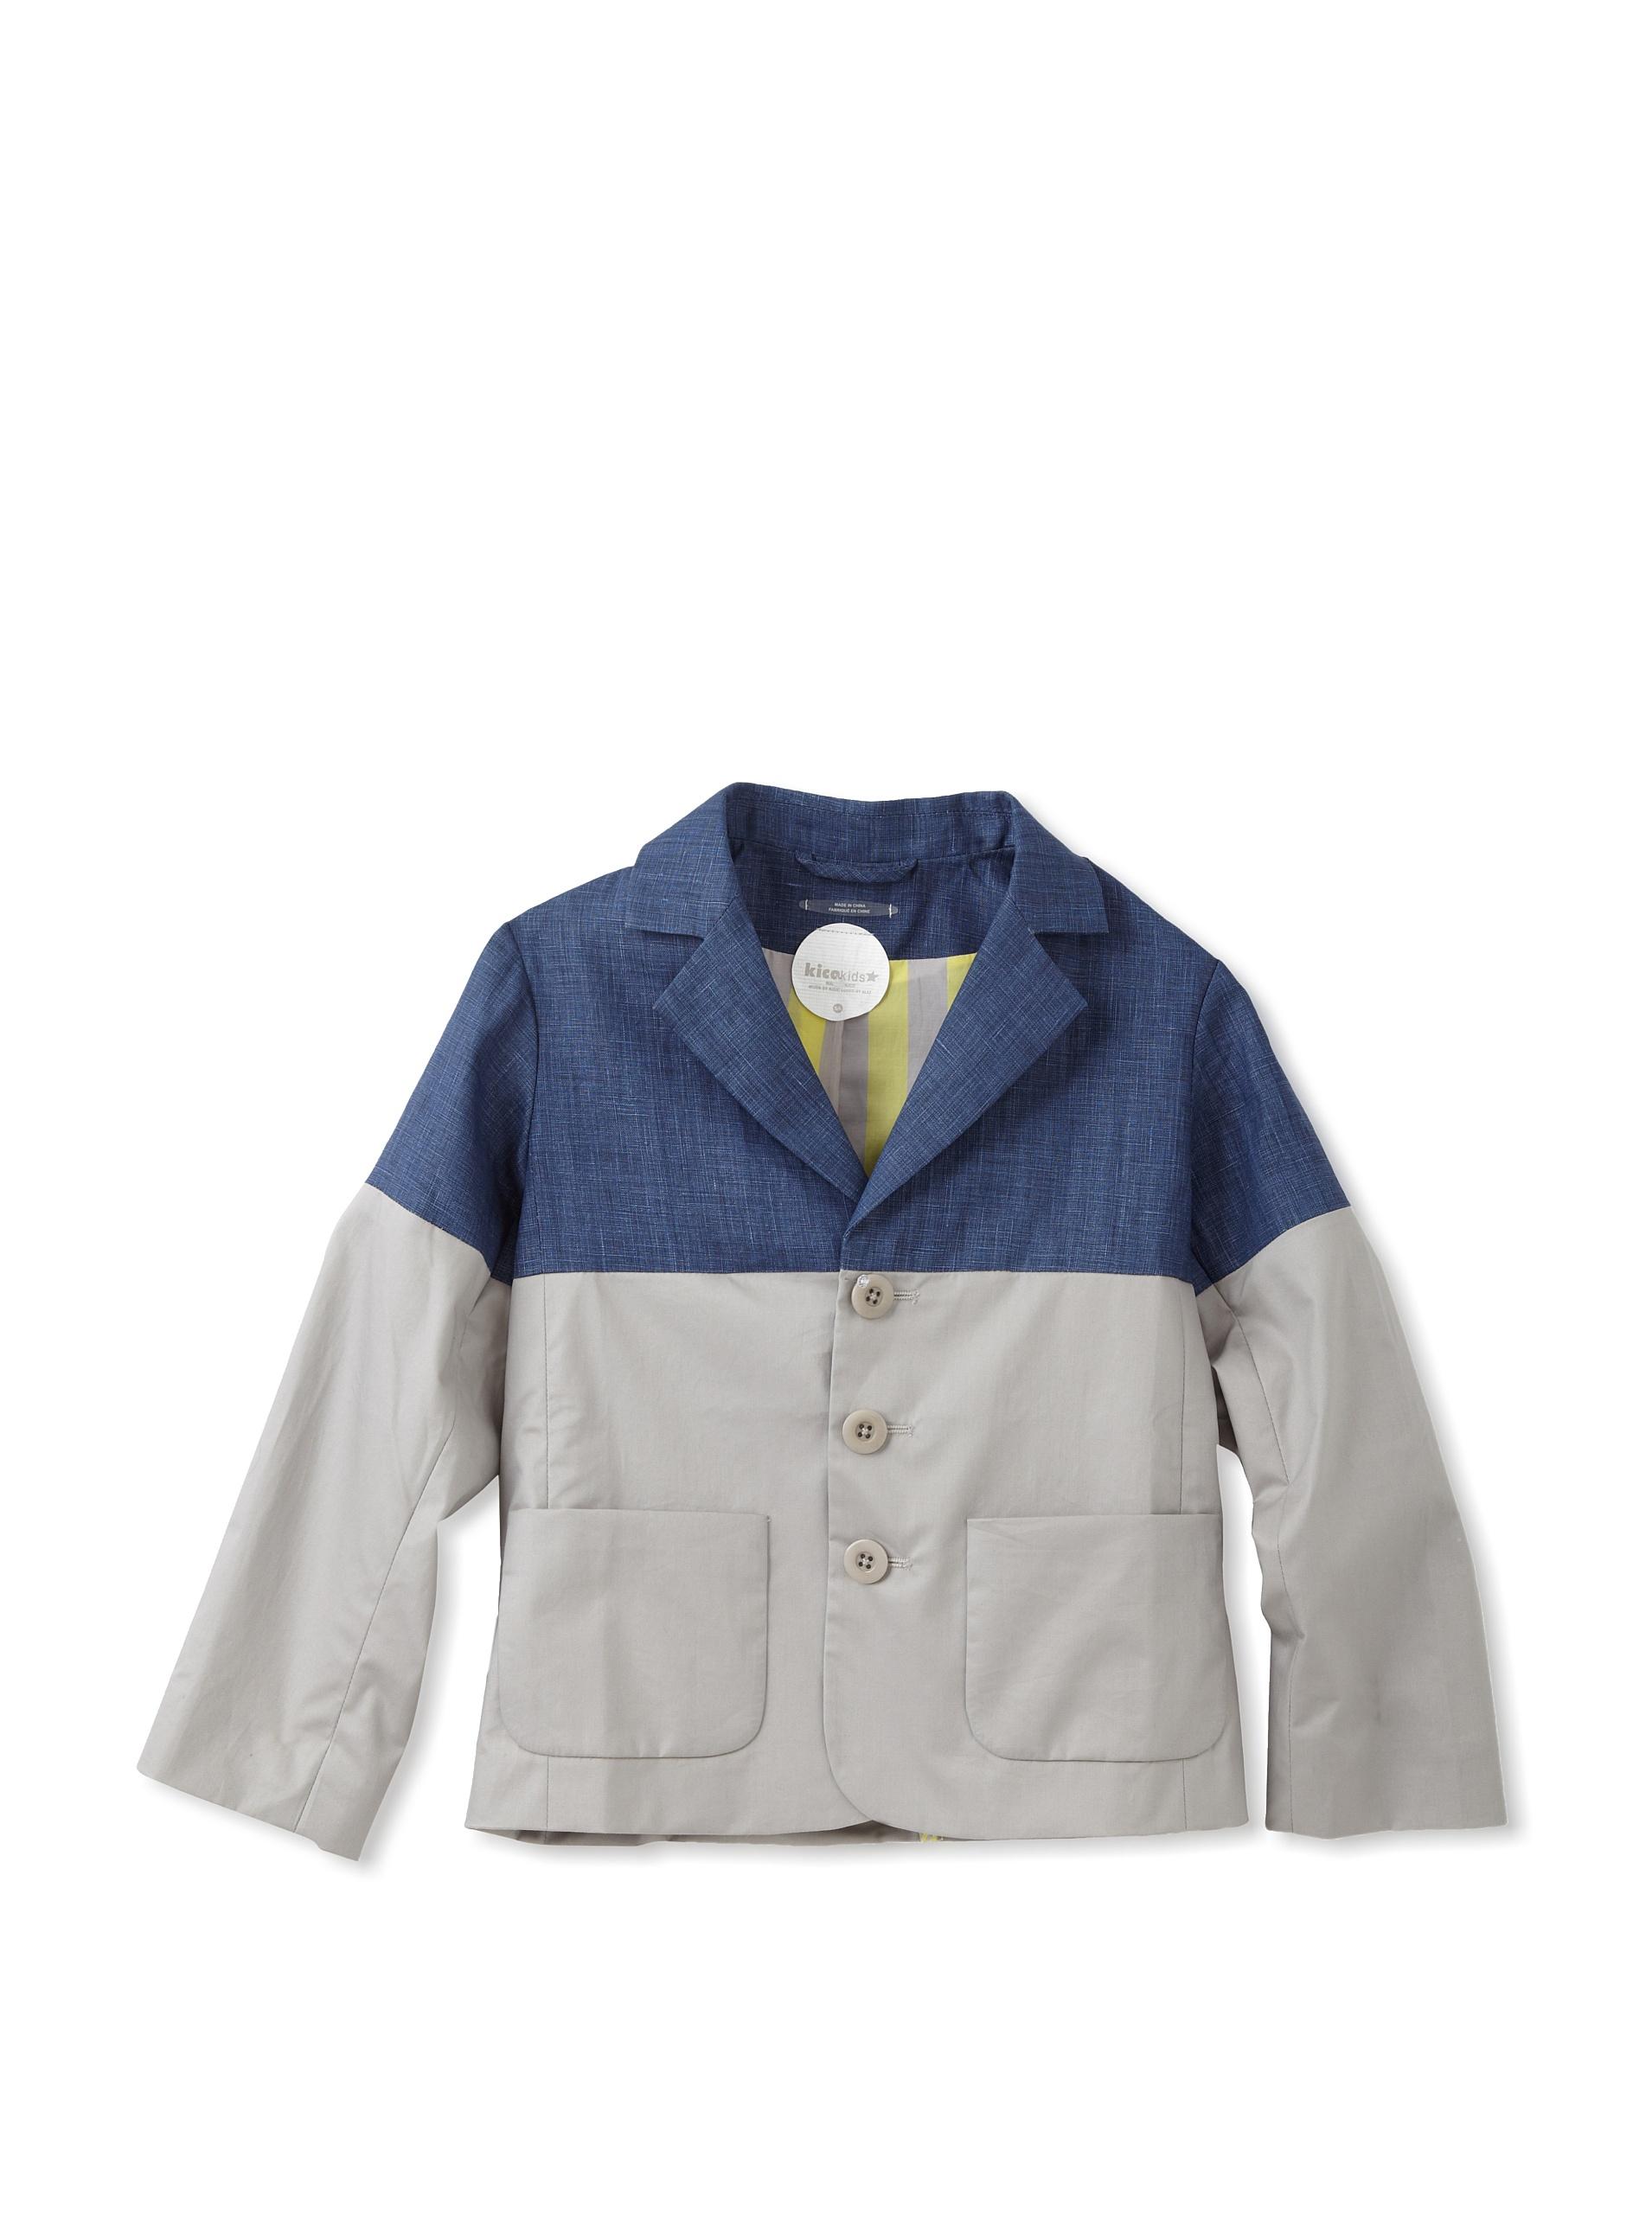 kicokids Boy's Patchwork Classic Blazer (Indigo/ grey)